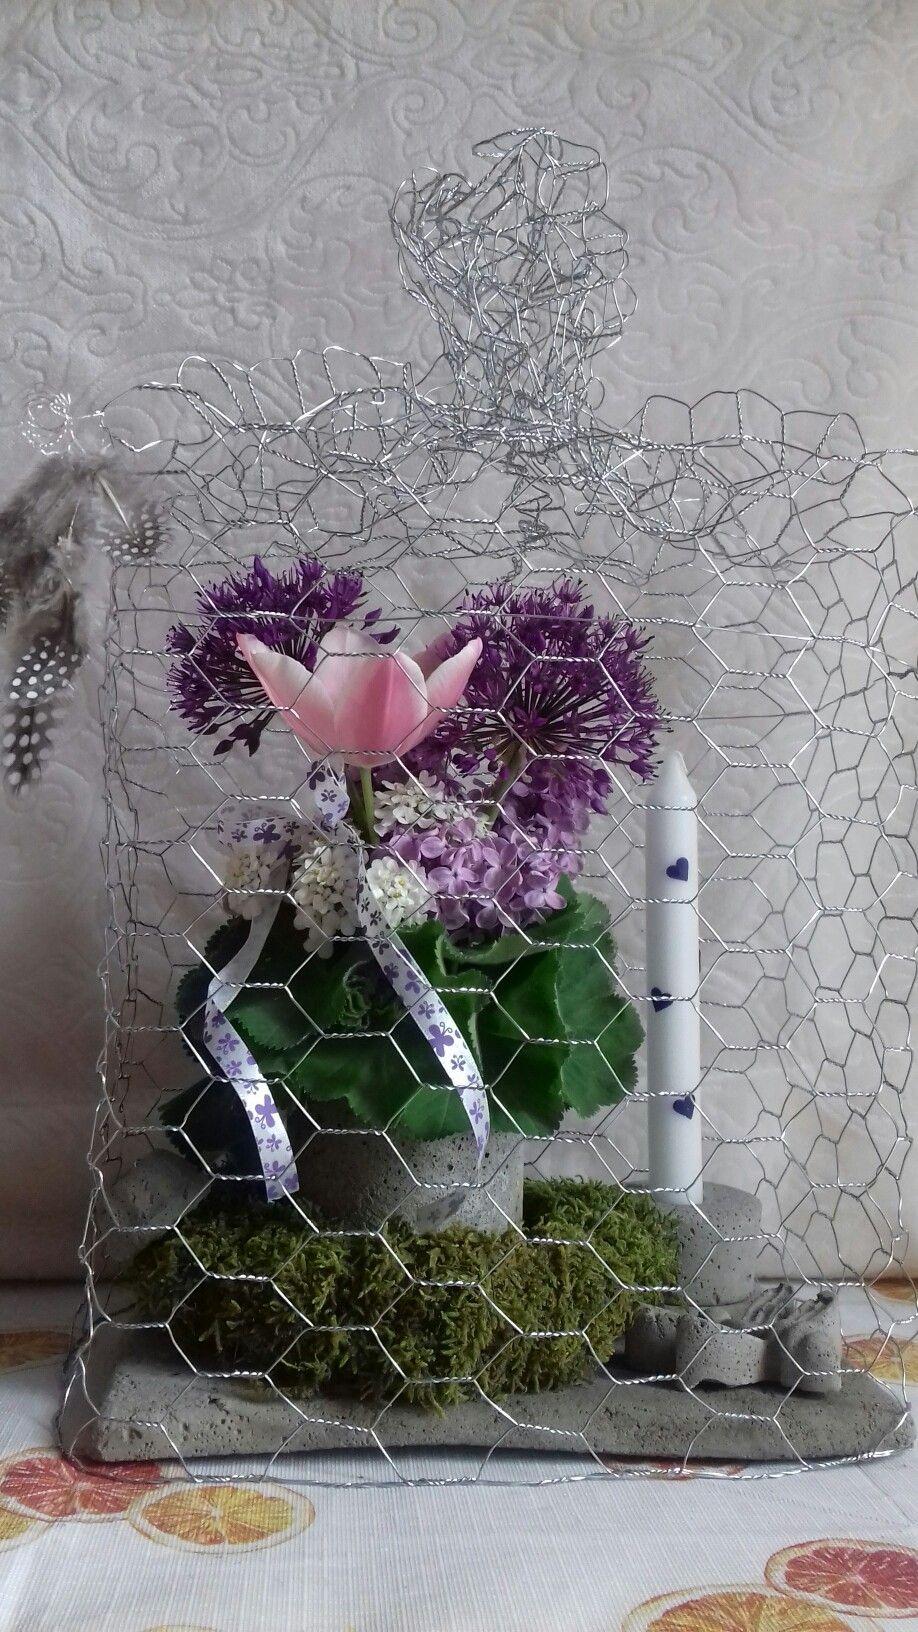 Geburtstag Dekorieren Dekoration Kleine Geschenke